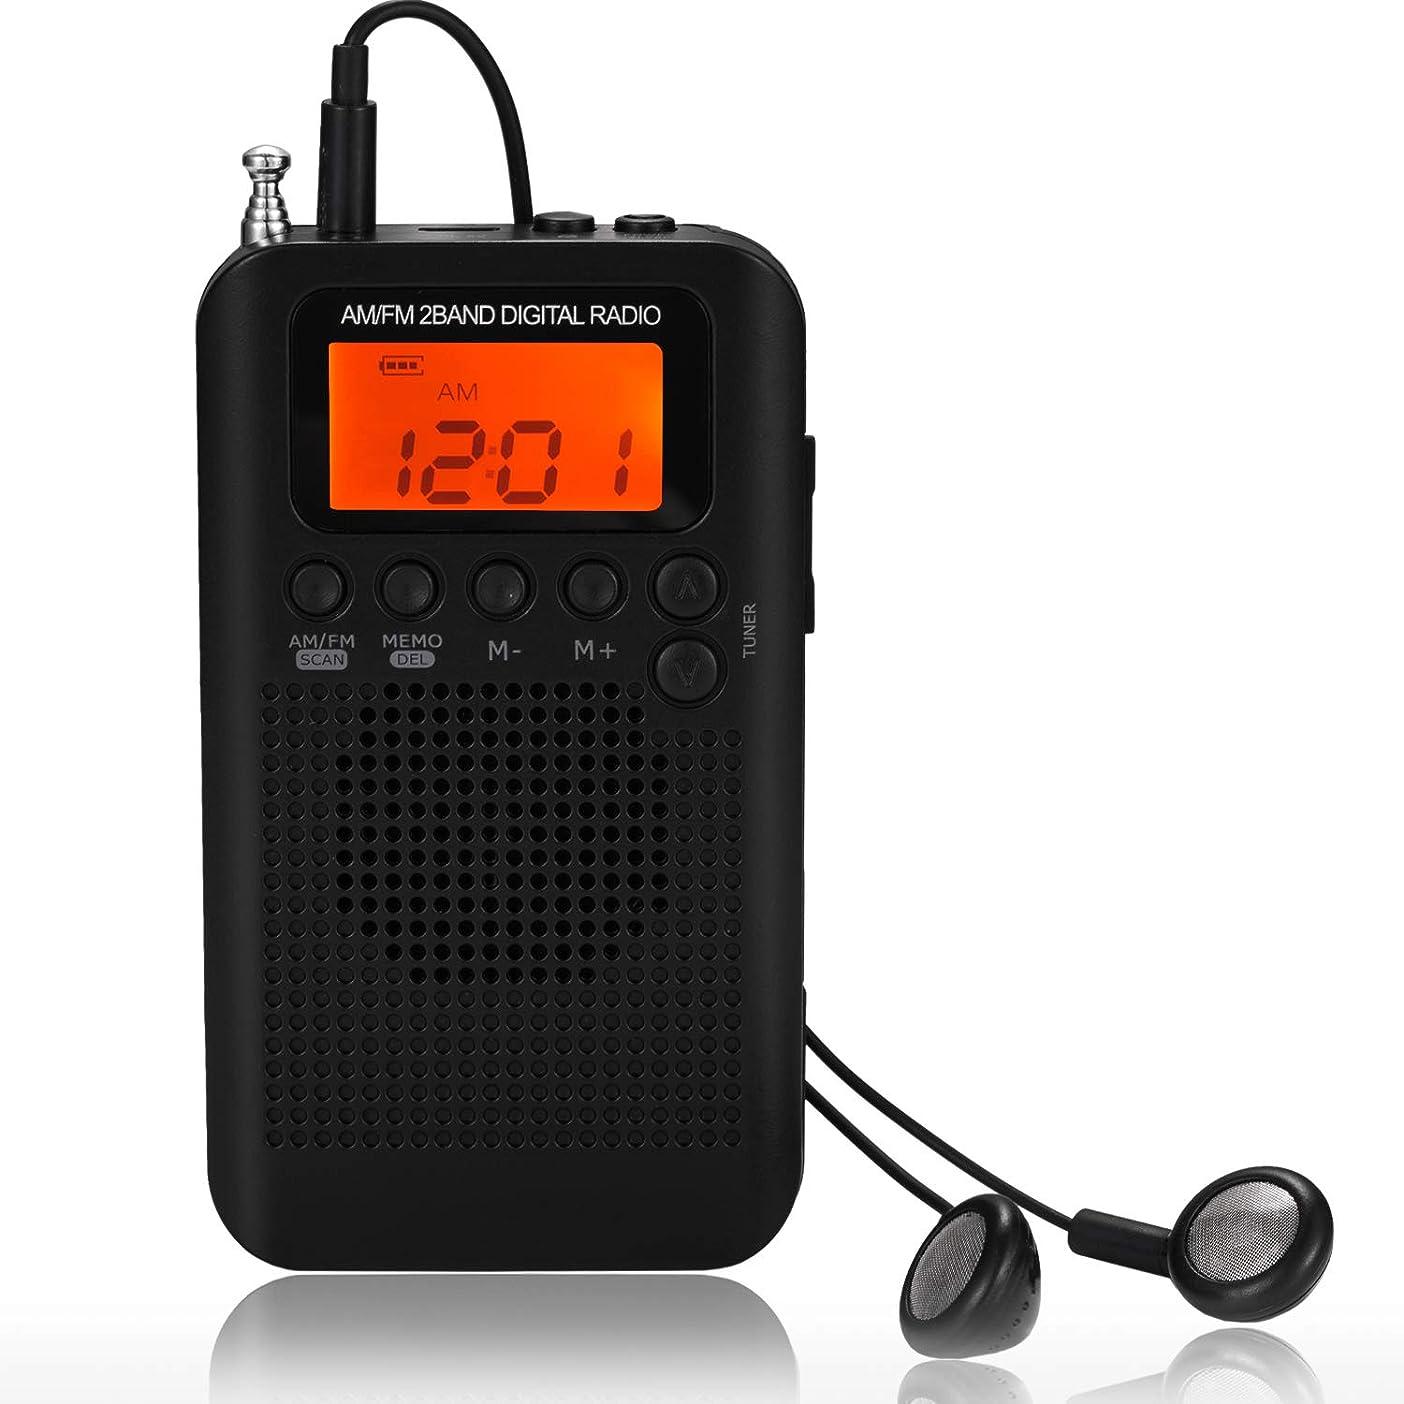 会話型障害モックAM FM ポケット ラジオ LCD液晶ディスプレー ポータブル ラジオ デジタル チューニング ローク機能搭載 AM/FM ステレオ ラジオ 充電式 バッテリー イヤホン